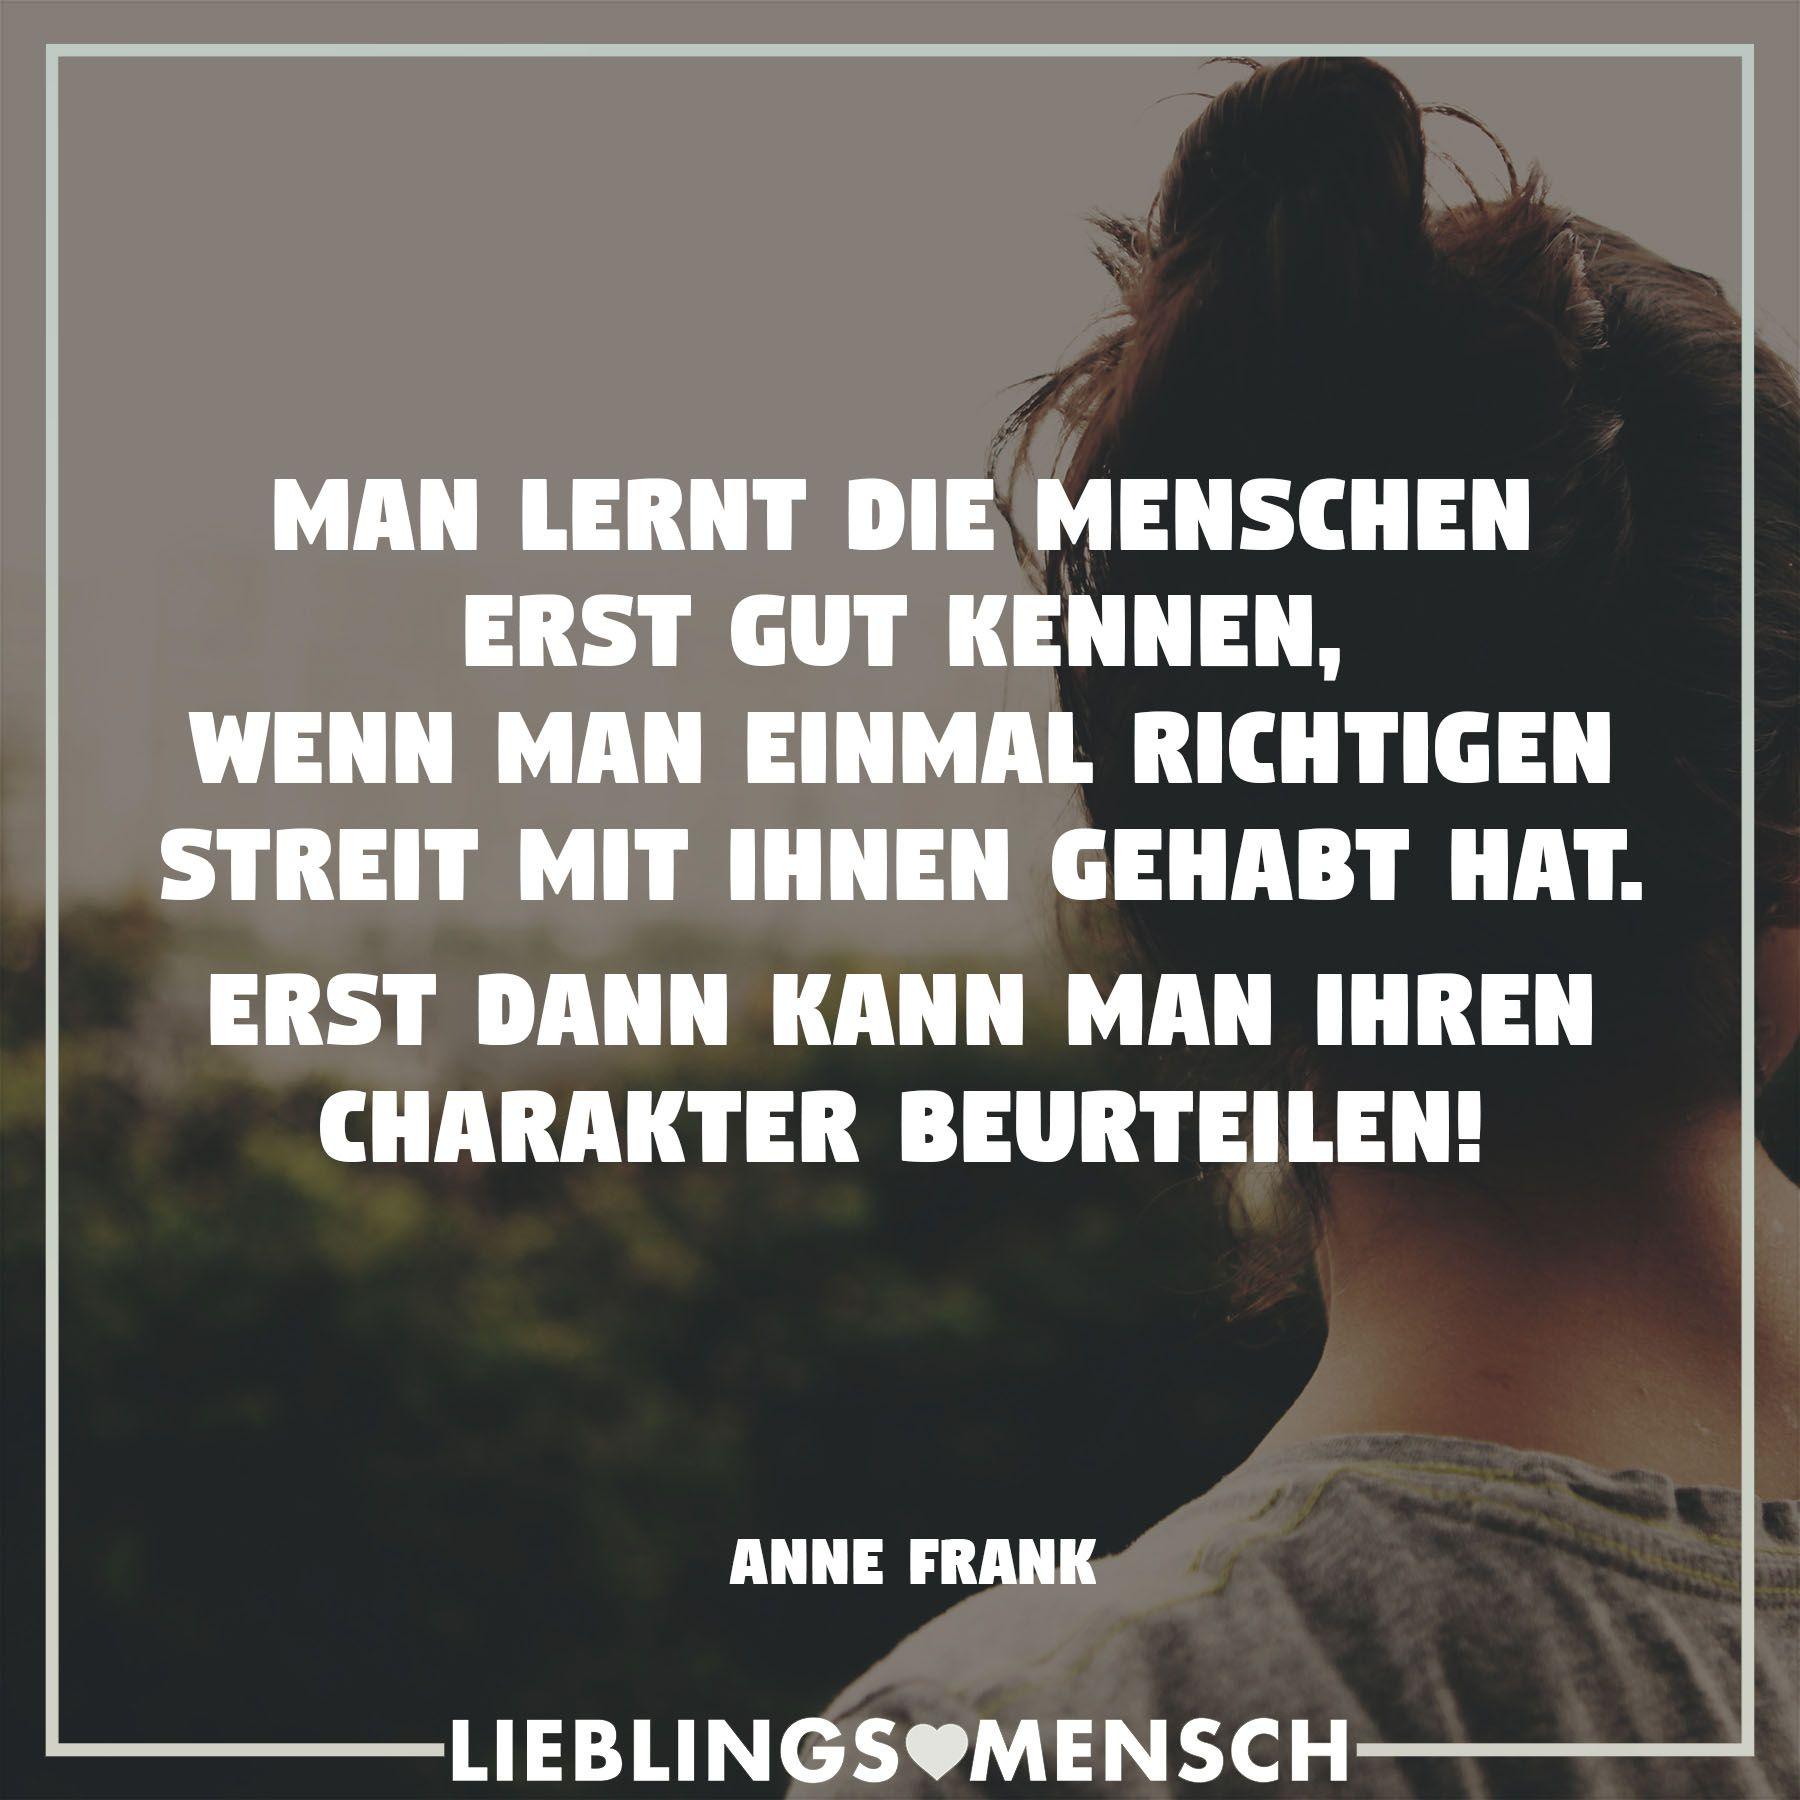 Groß Brauche Ein Gutes Lebensziel Zeitgenössisch - Beispiel Business ...